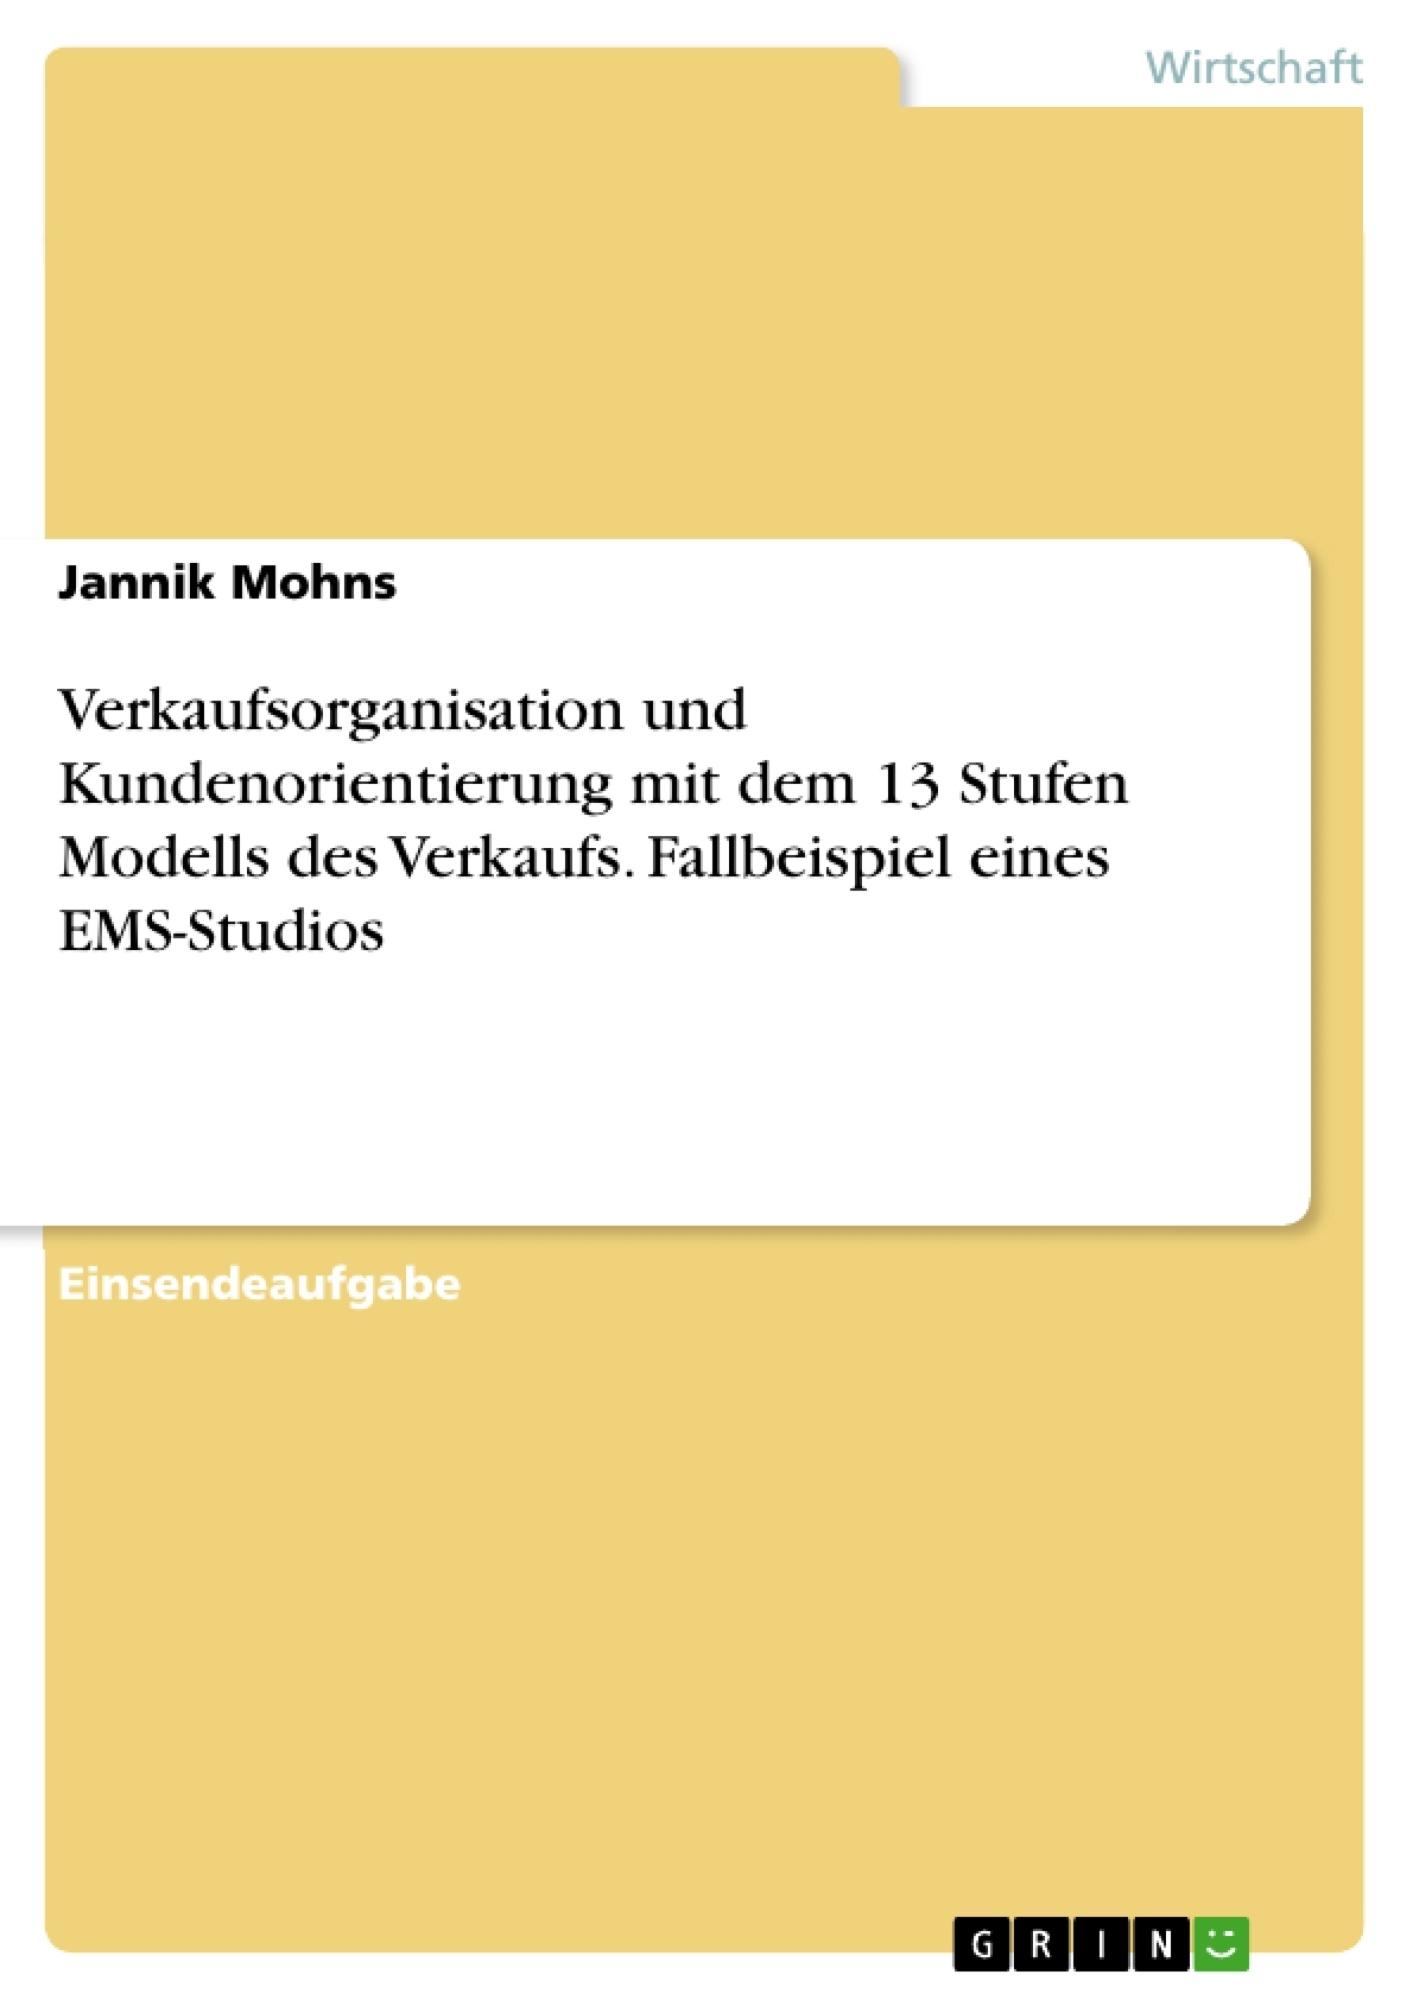 Titel: Verkaufsorganisation und Kundenorientierung mit dem 13 Stufen Modells des Verkaufs. Fallbeispiel eines EMS-Studios